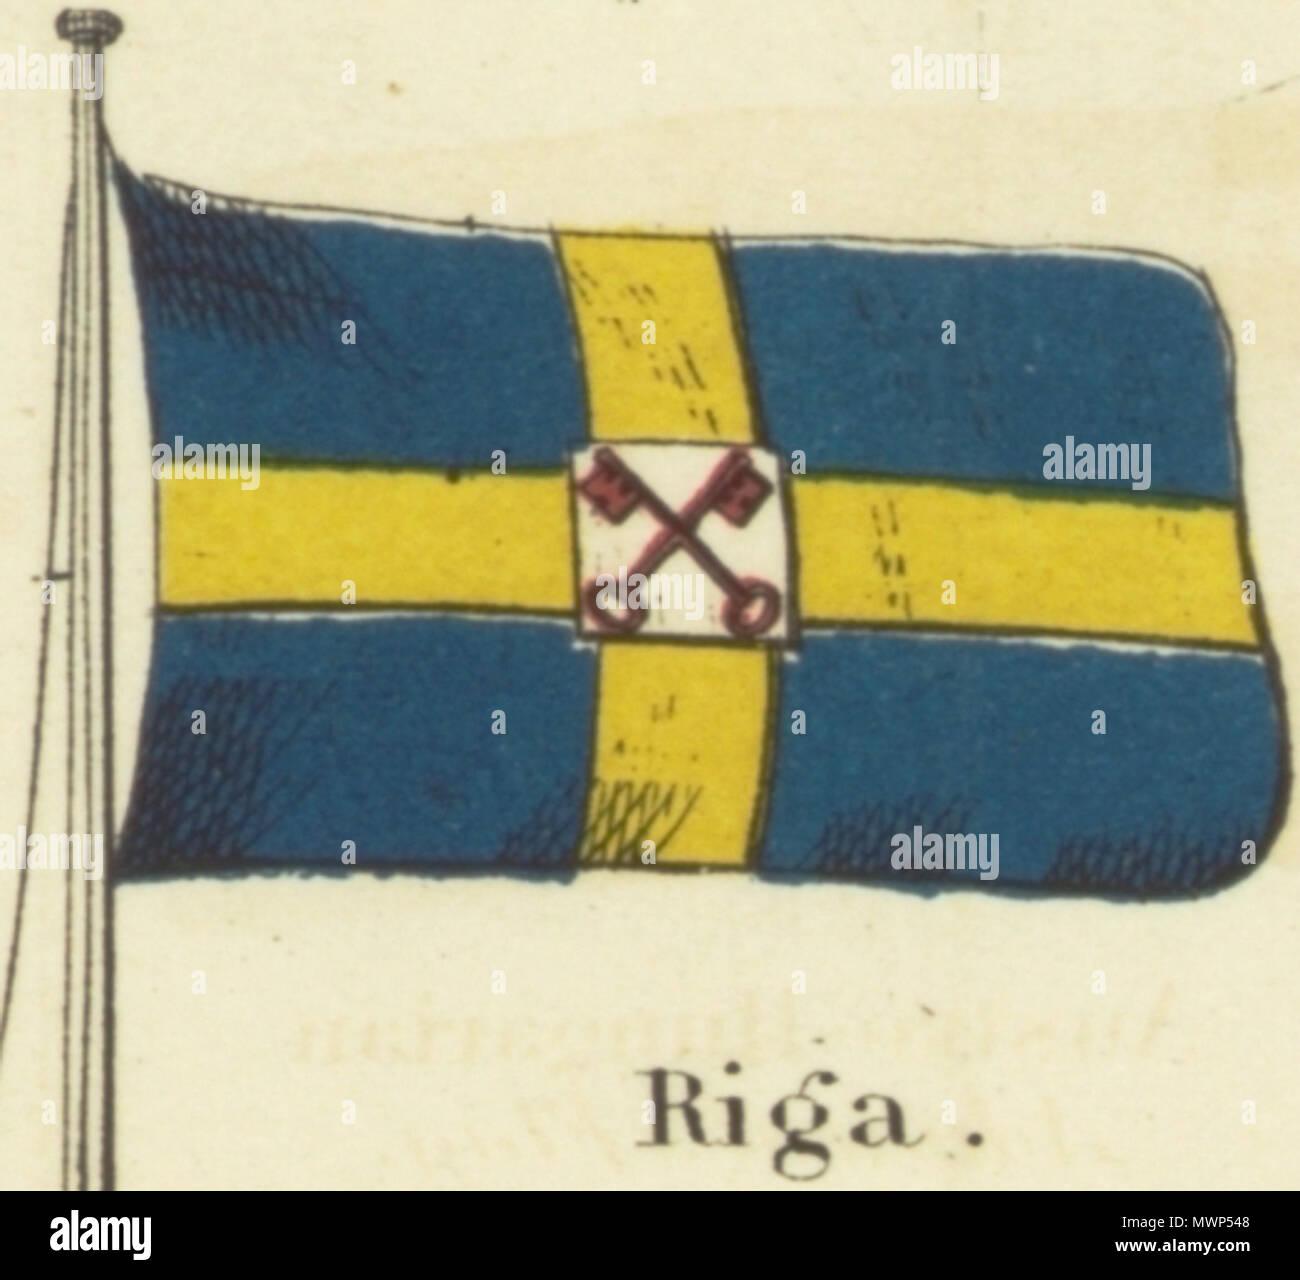 """. Englisch: Riga. Johnson's neues Diagramm der Hoheitszeichen, 1868.jpg Johnson neue Diagramm der Hoheitszeichen. Drucken mit den Flaggen der verschiedenen Länder, die von den Schiffen geflogen, und der 'Signale für Piloten."""" oben links in der Ecke ist die """"Vereinigten Staaten"""" 37-star Flag, in der rechten oberen Ecke ist die 'Royal Standard des Vereinigten Königreichs Großbritannien und Irland"""" in der unteren linken Ecke befindet sich die """"Russian Standard"""" und in der rechten unteren Ecke wird der """"französischen Standard."""" Die Flaggen auf diesem Blatt leicht von den auf einem anderen Blatt unterschiedlich nummeriert 4 [links oben] und 5 [oben rechts]. 1868. Alvin Jewett Stockfoto"""